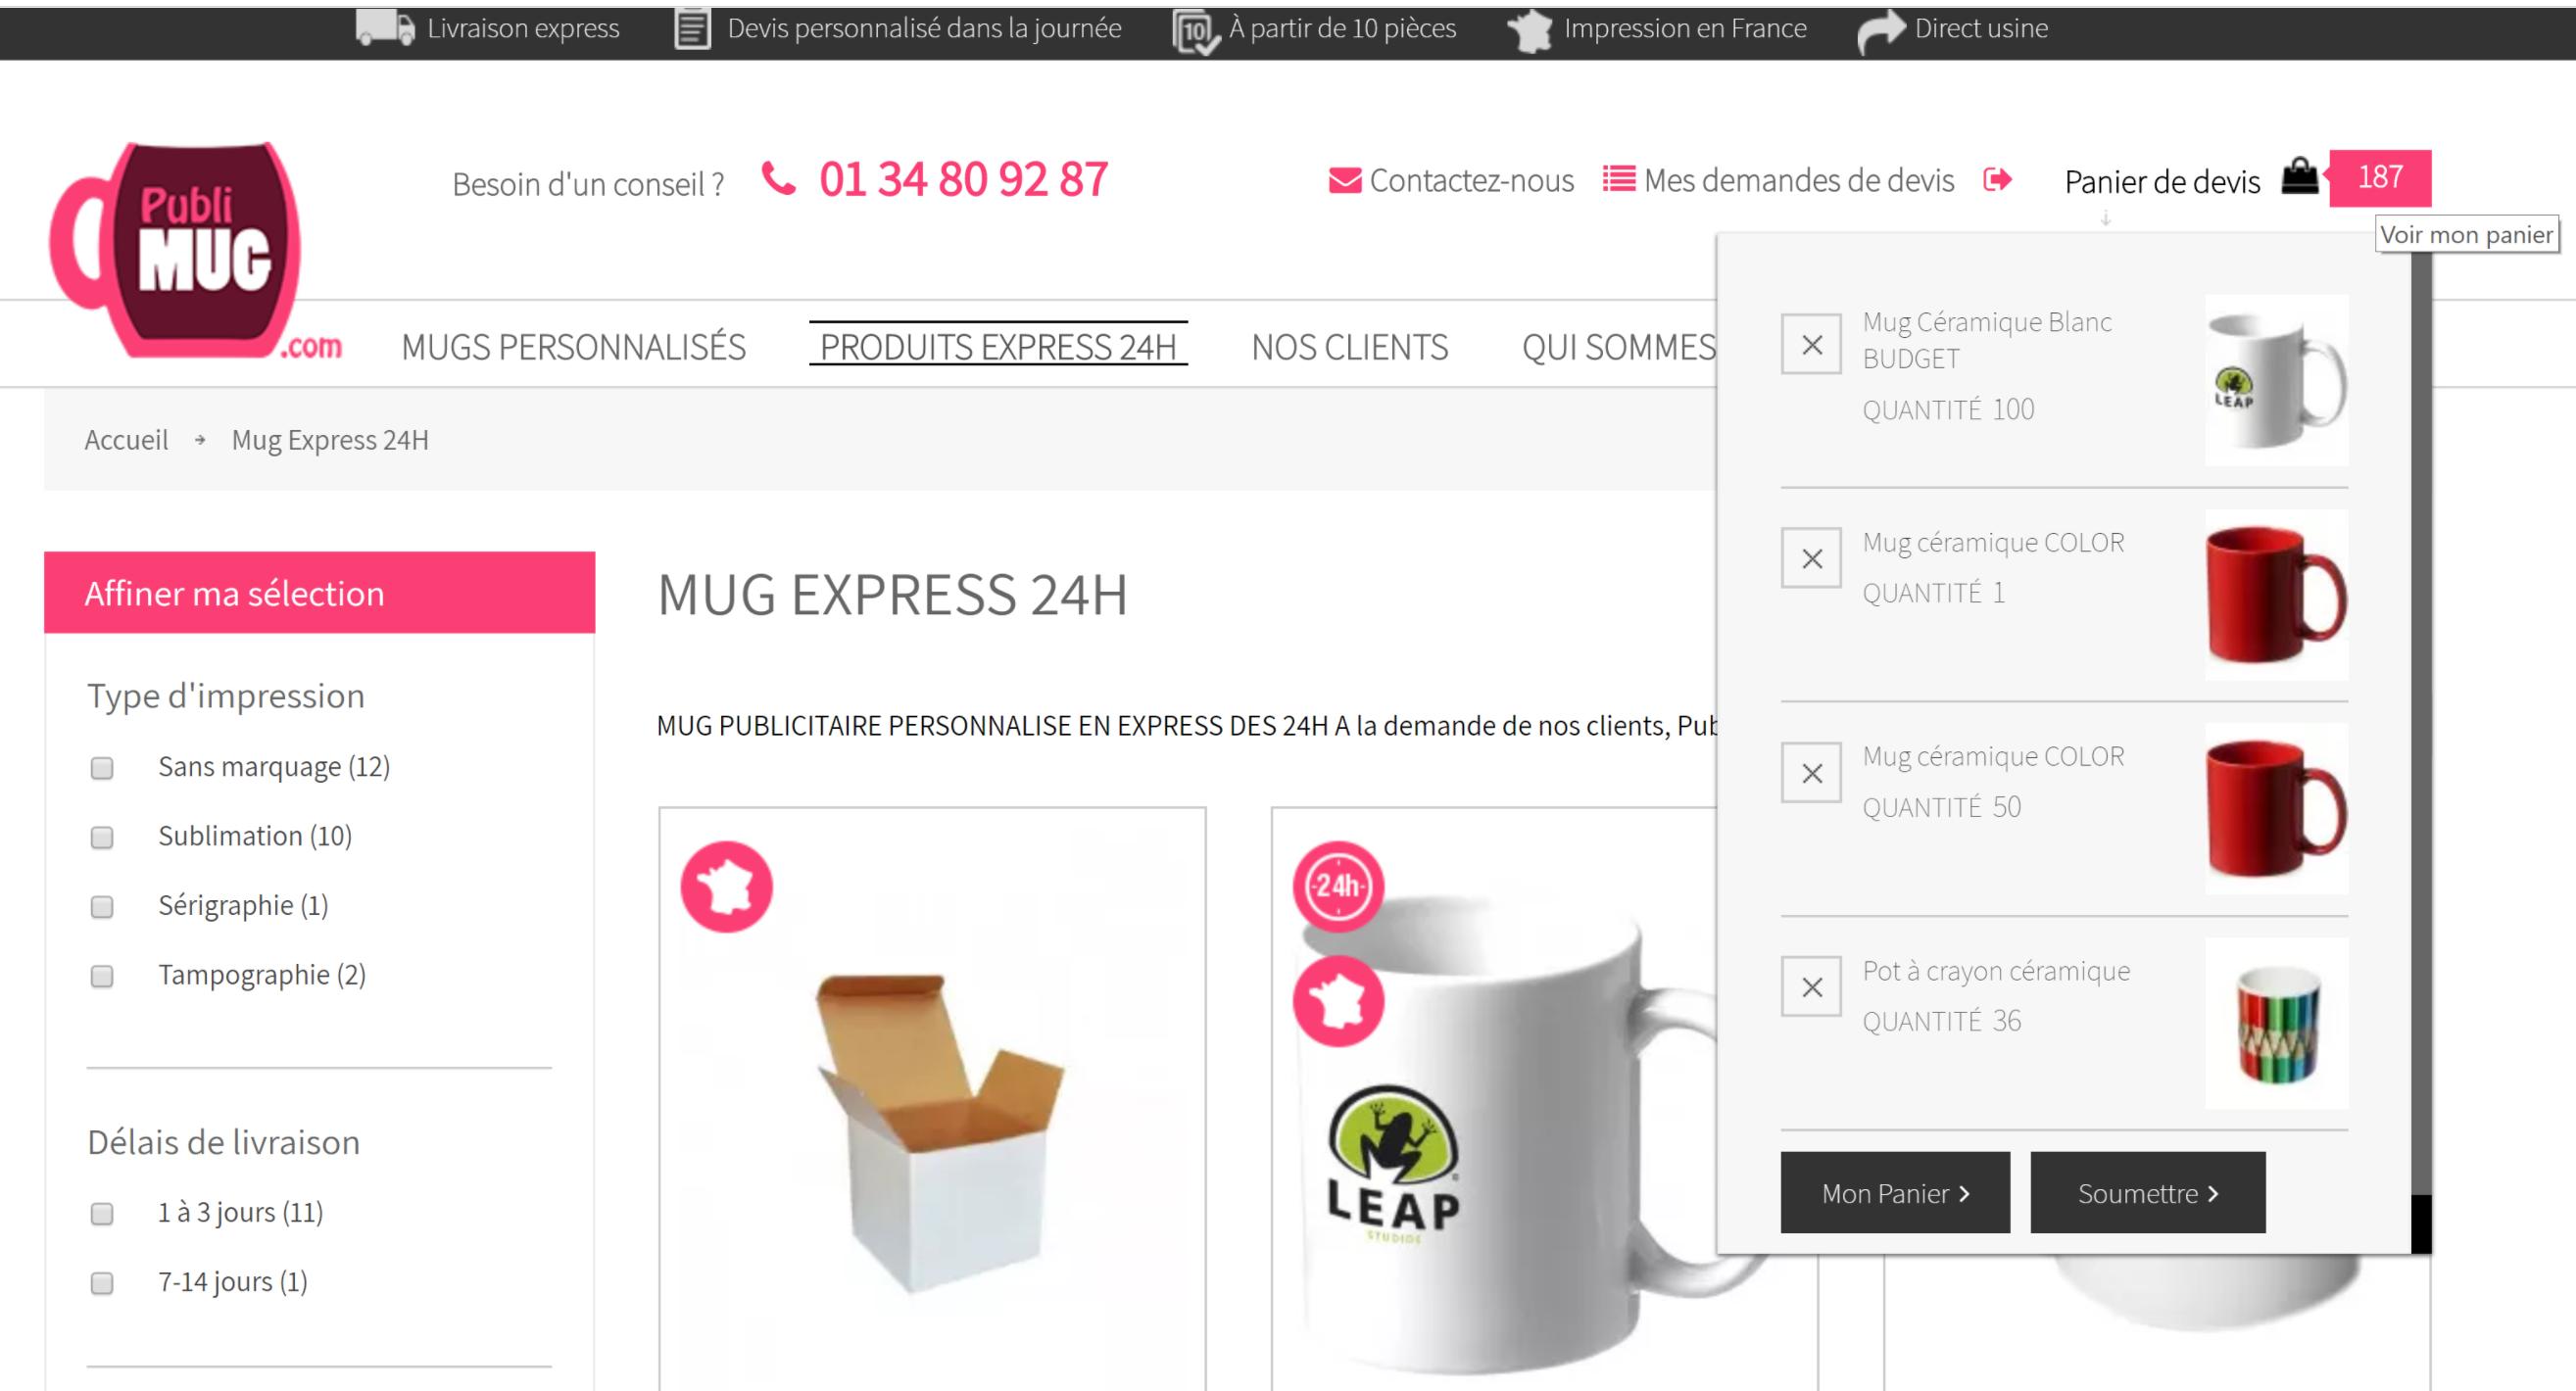 Devis mug publicitaire EXPRESS 24H - Publimug